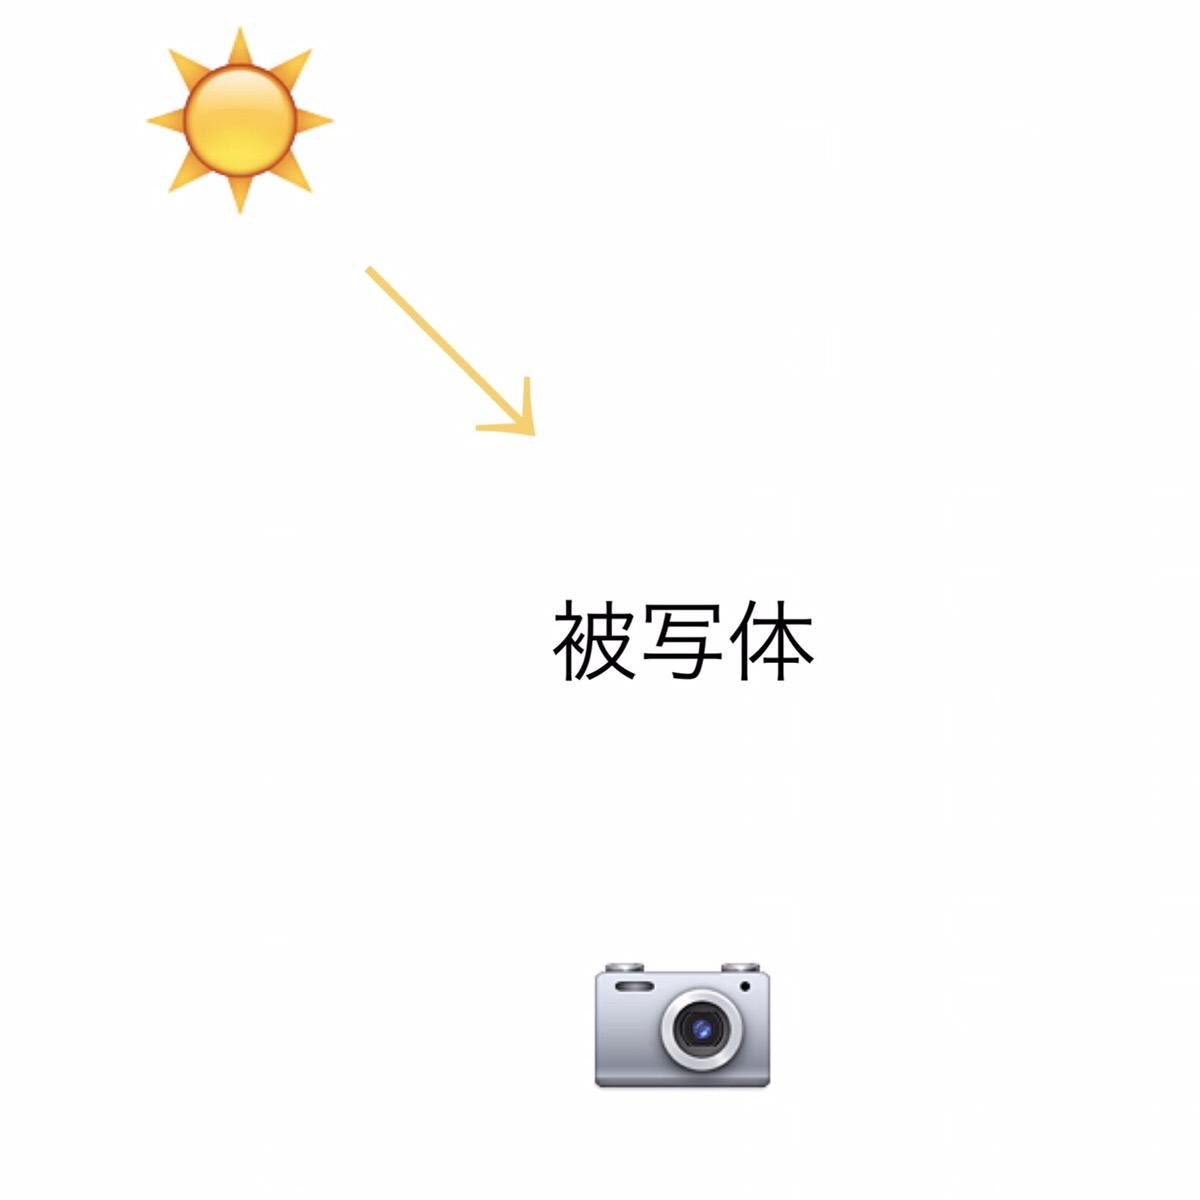 半逆光の図